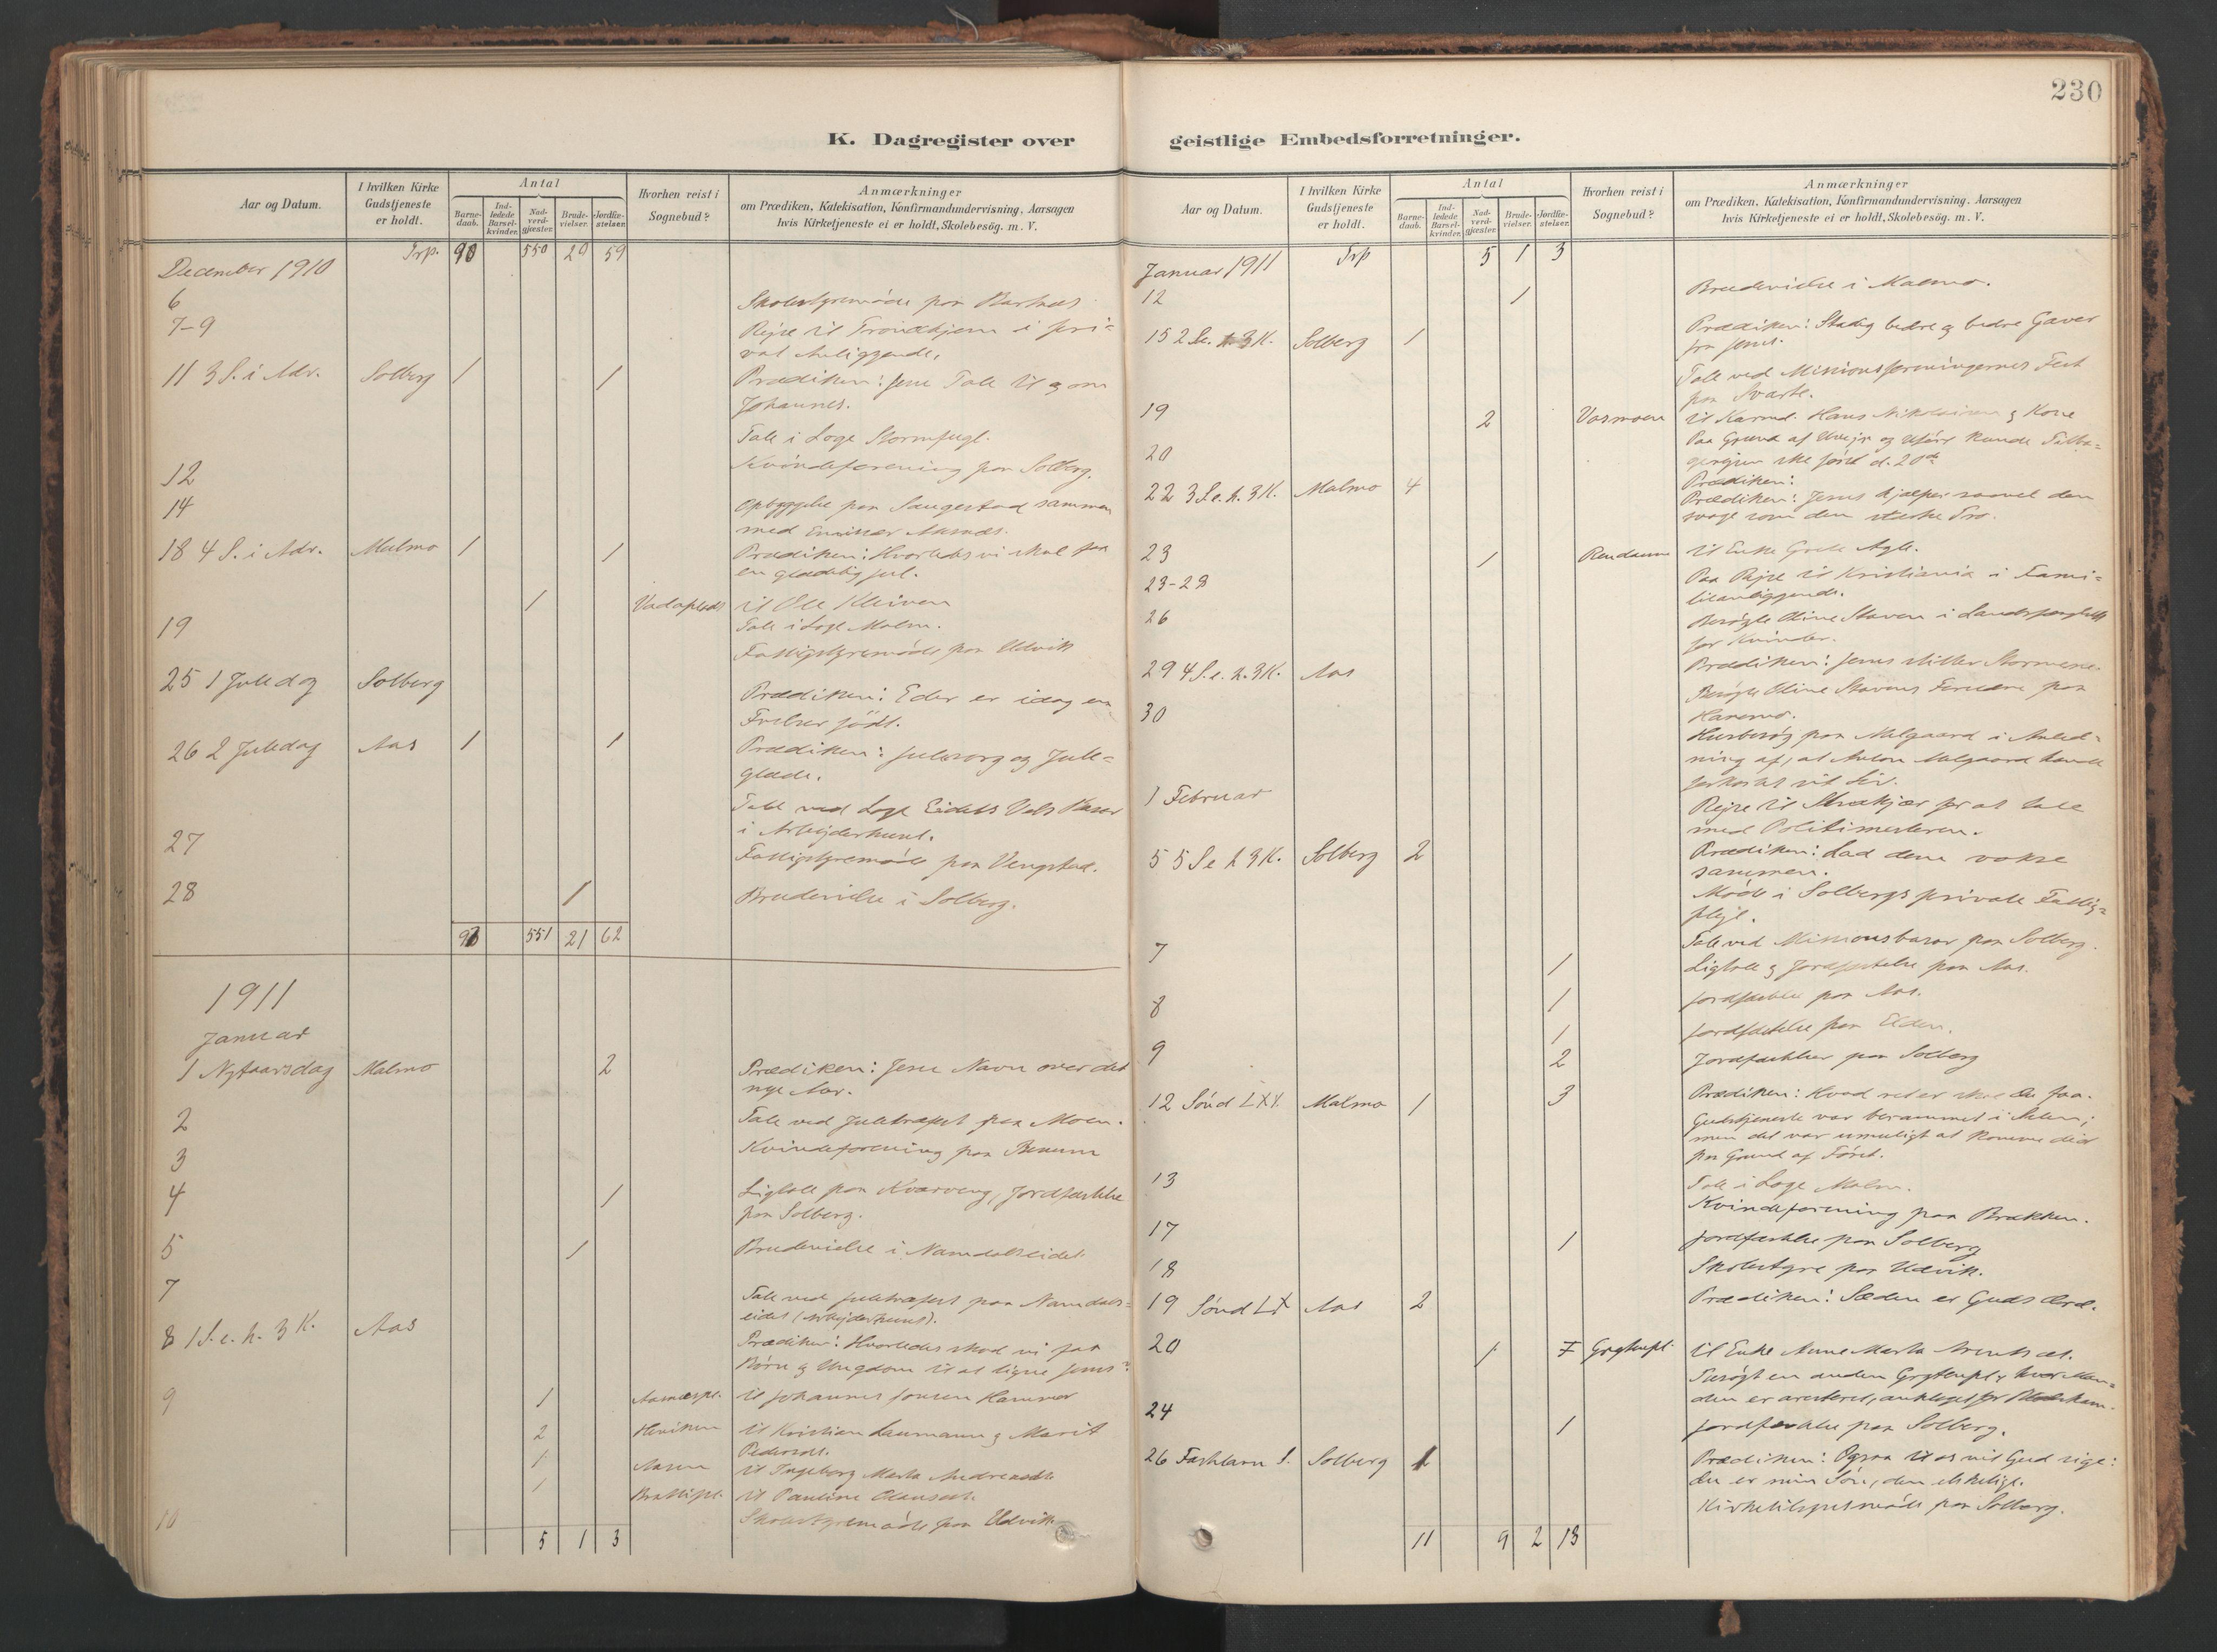 SAT, Ministerialprotokoller, klokkerbøker og fødselsregistre - Nord-Trøndelag, 741/L0397: Ministerialbok nr. 741A11, 1901-1911, s. 230